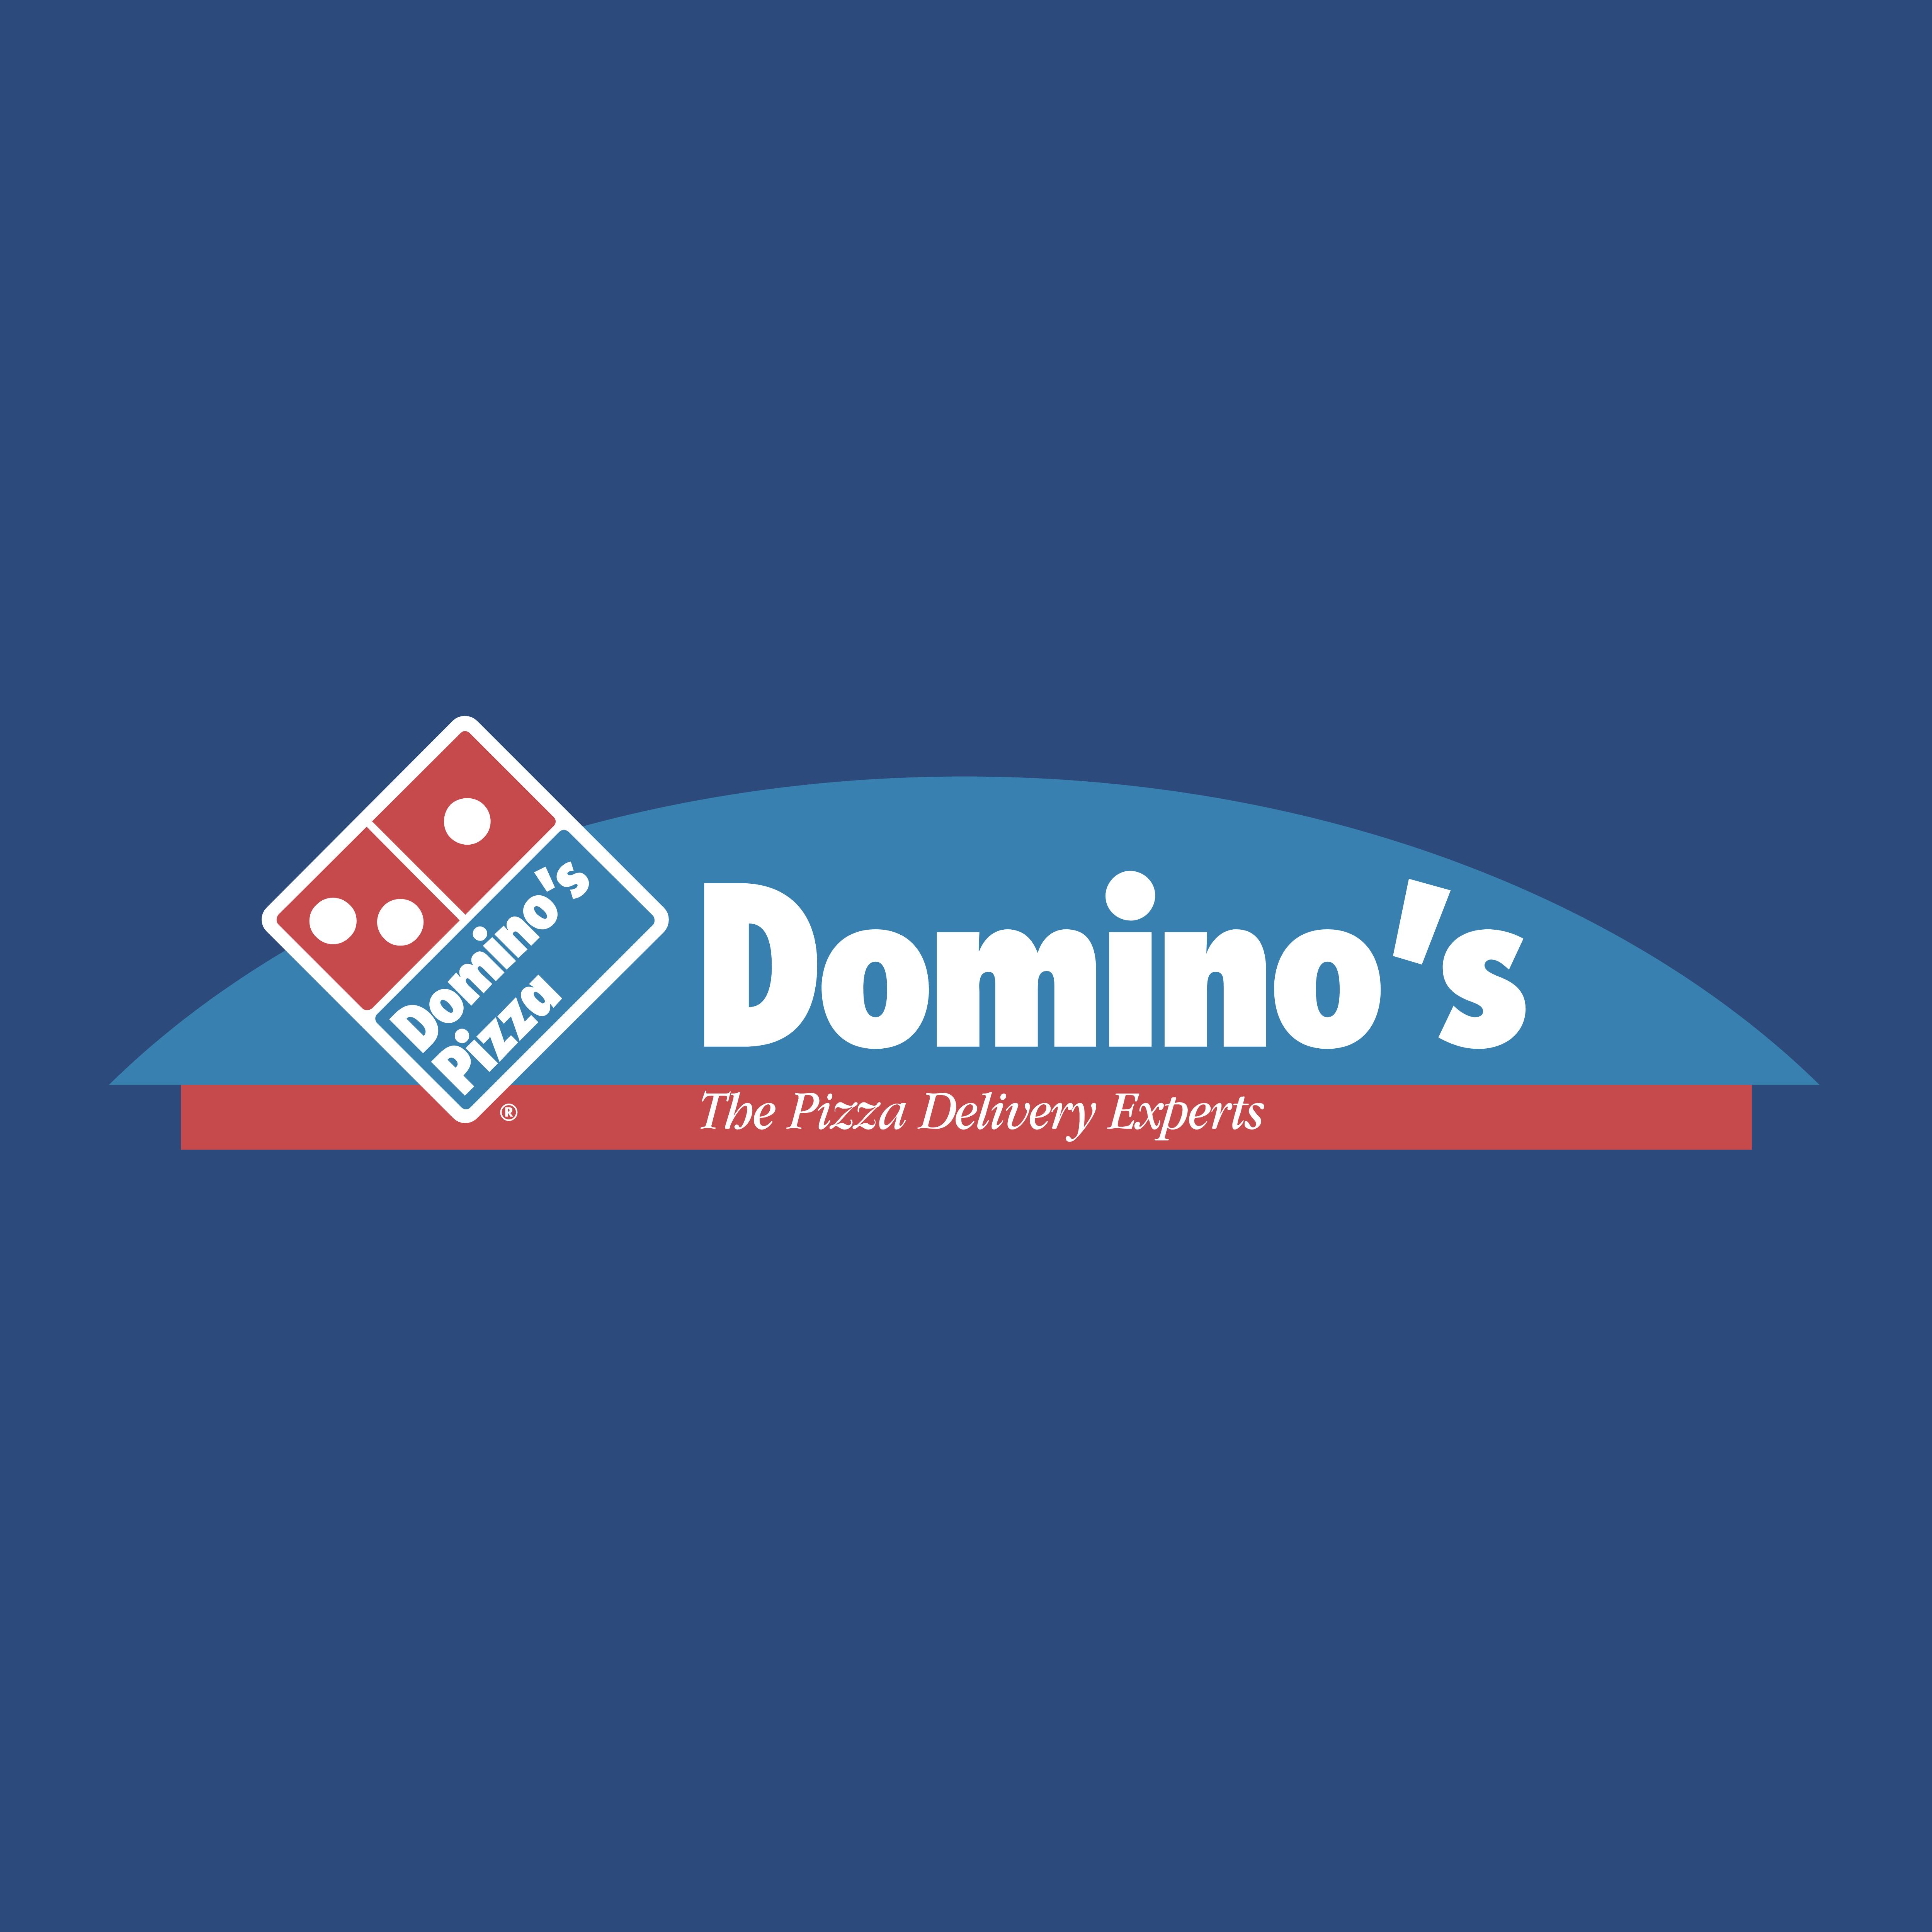 domino s pizza logo 2016 vector 12000 vector logos